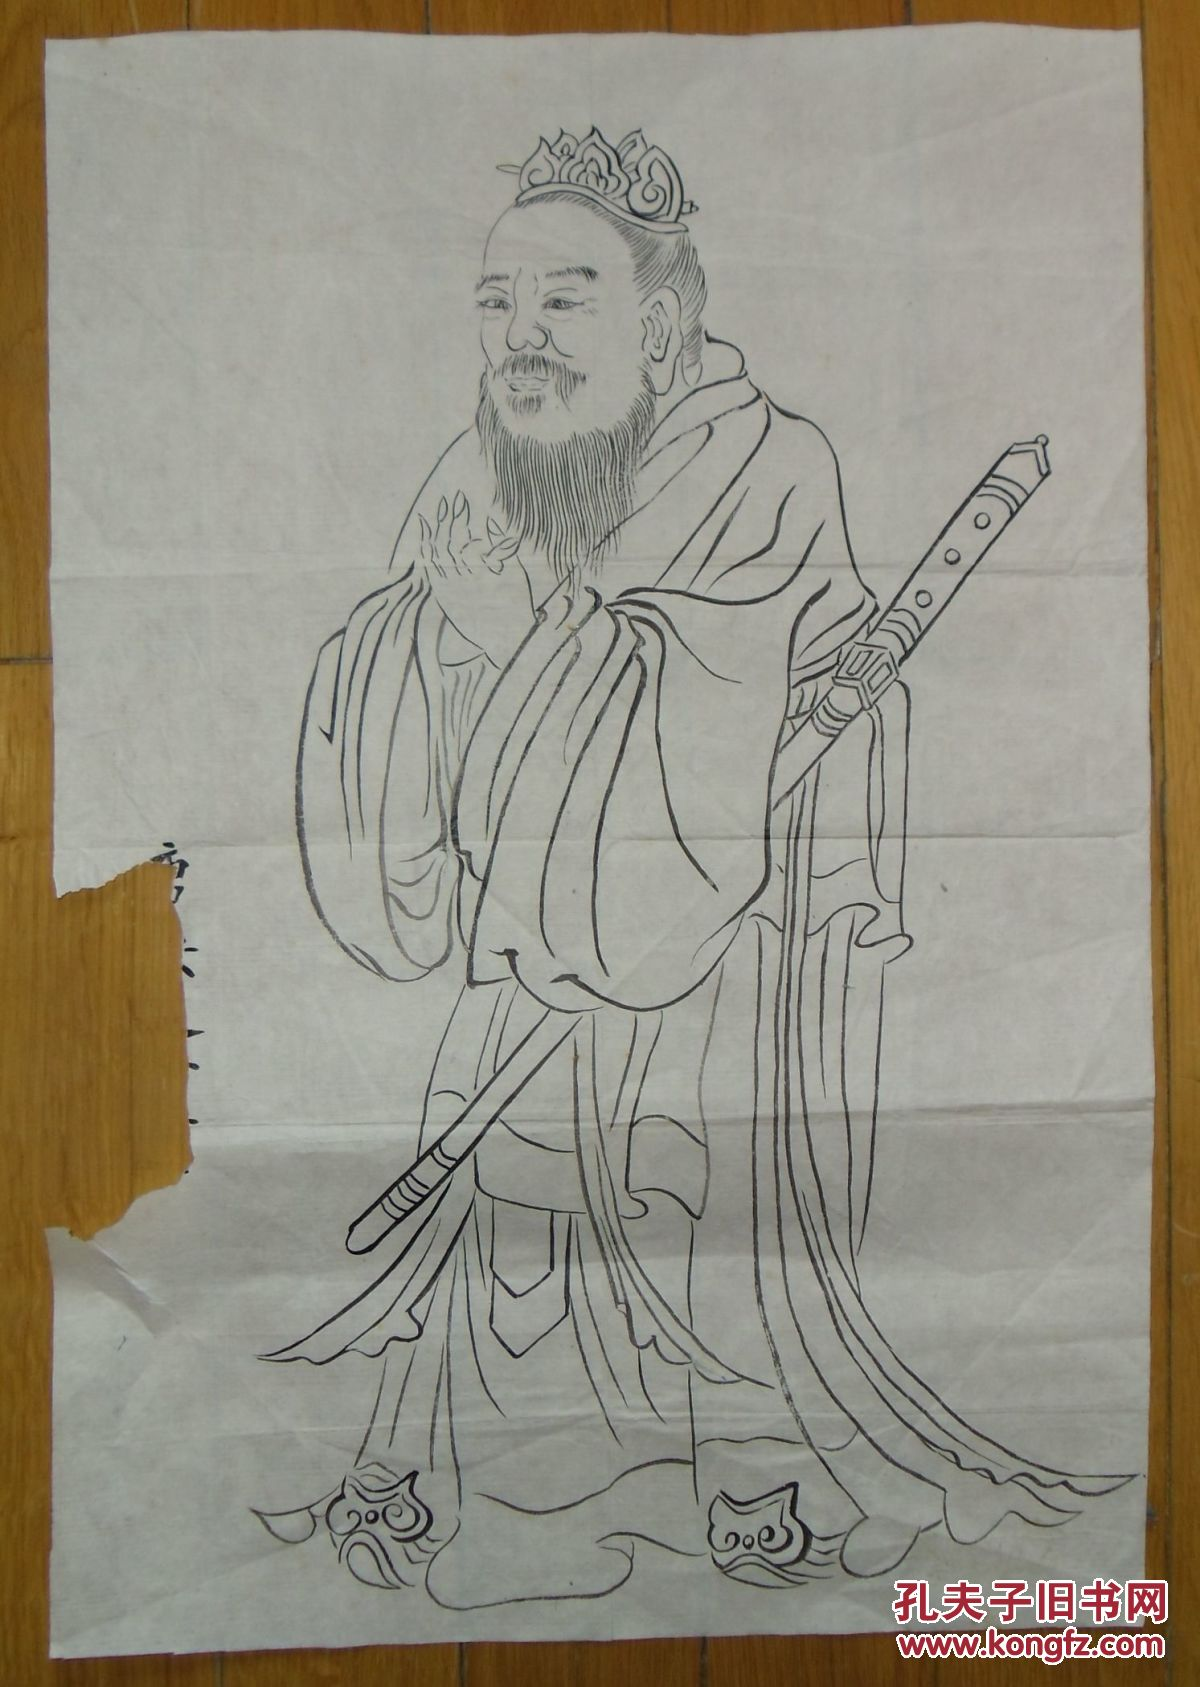 中国古代神话图谱_古代人物素描画像图片展示_古代人物素描画像相关图片下载